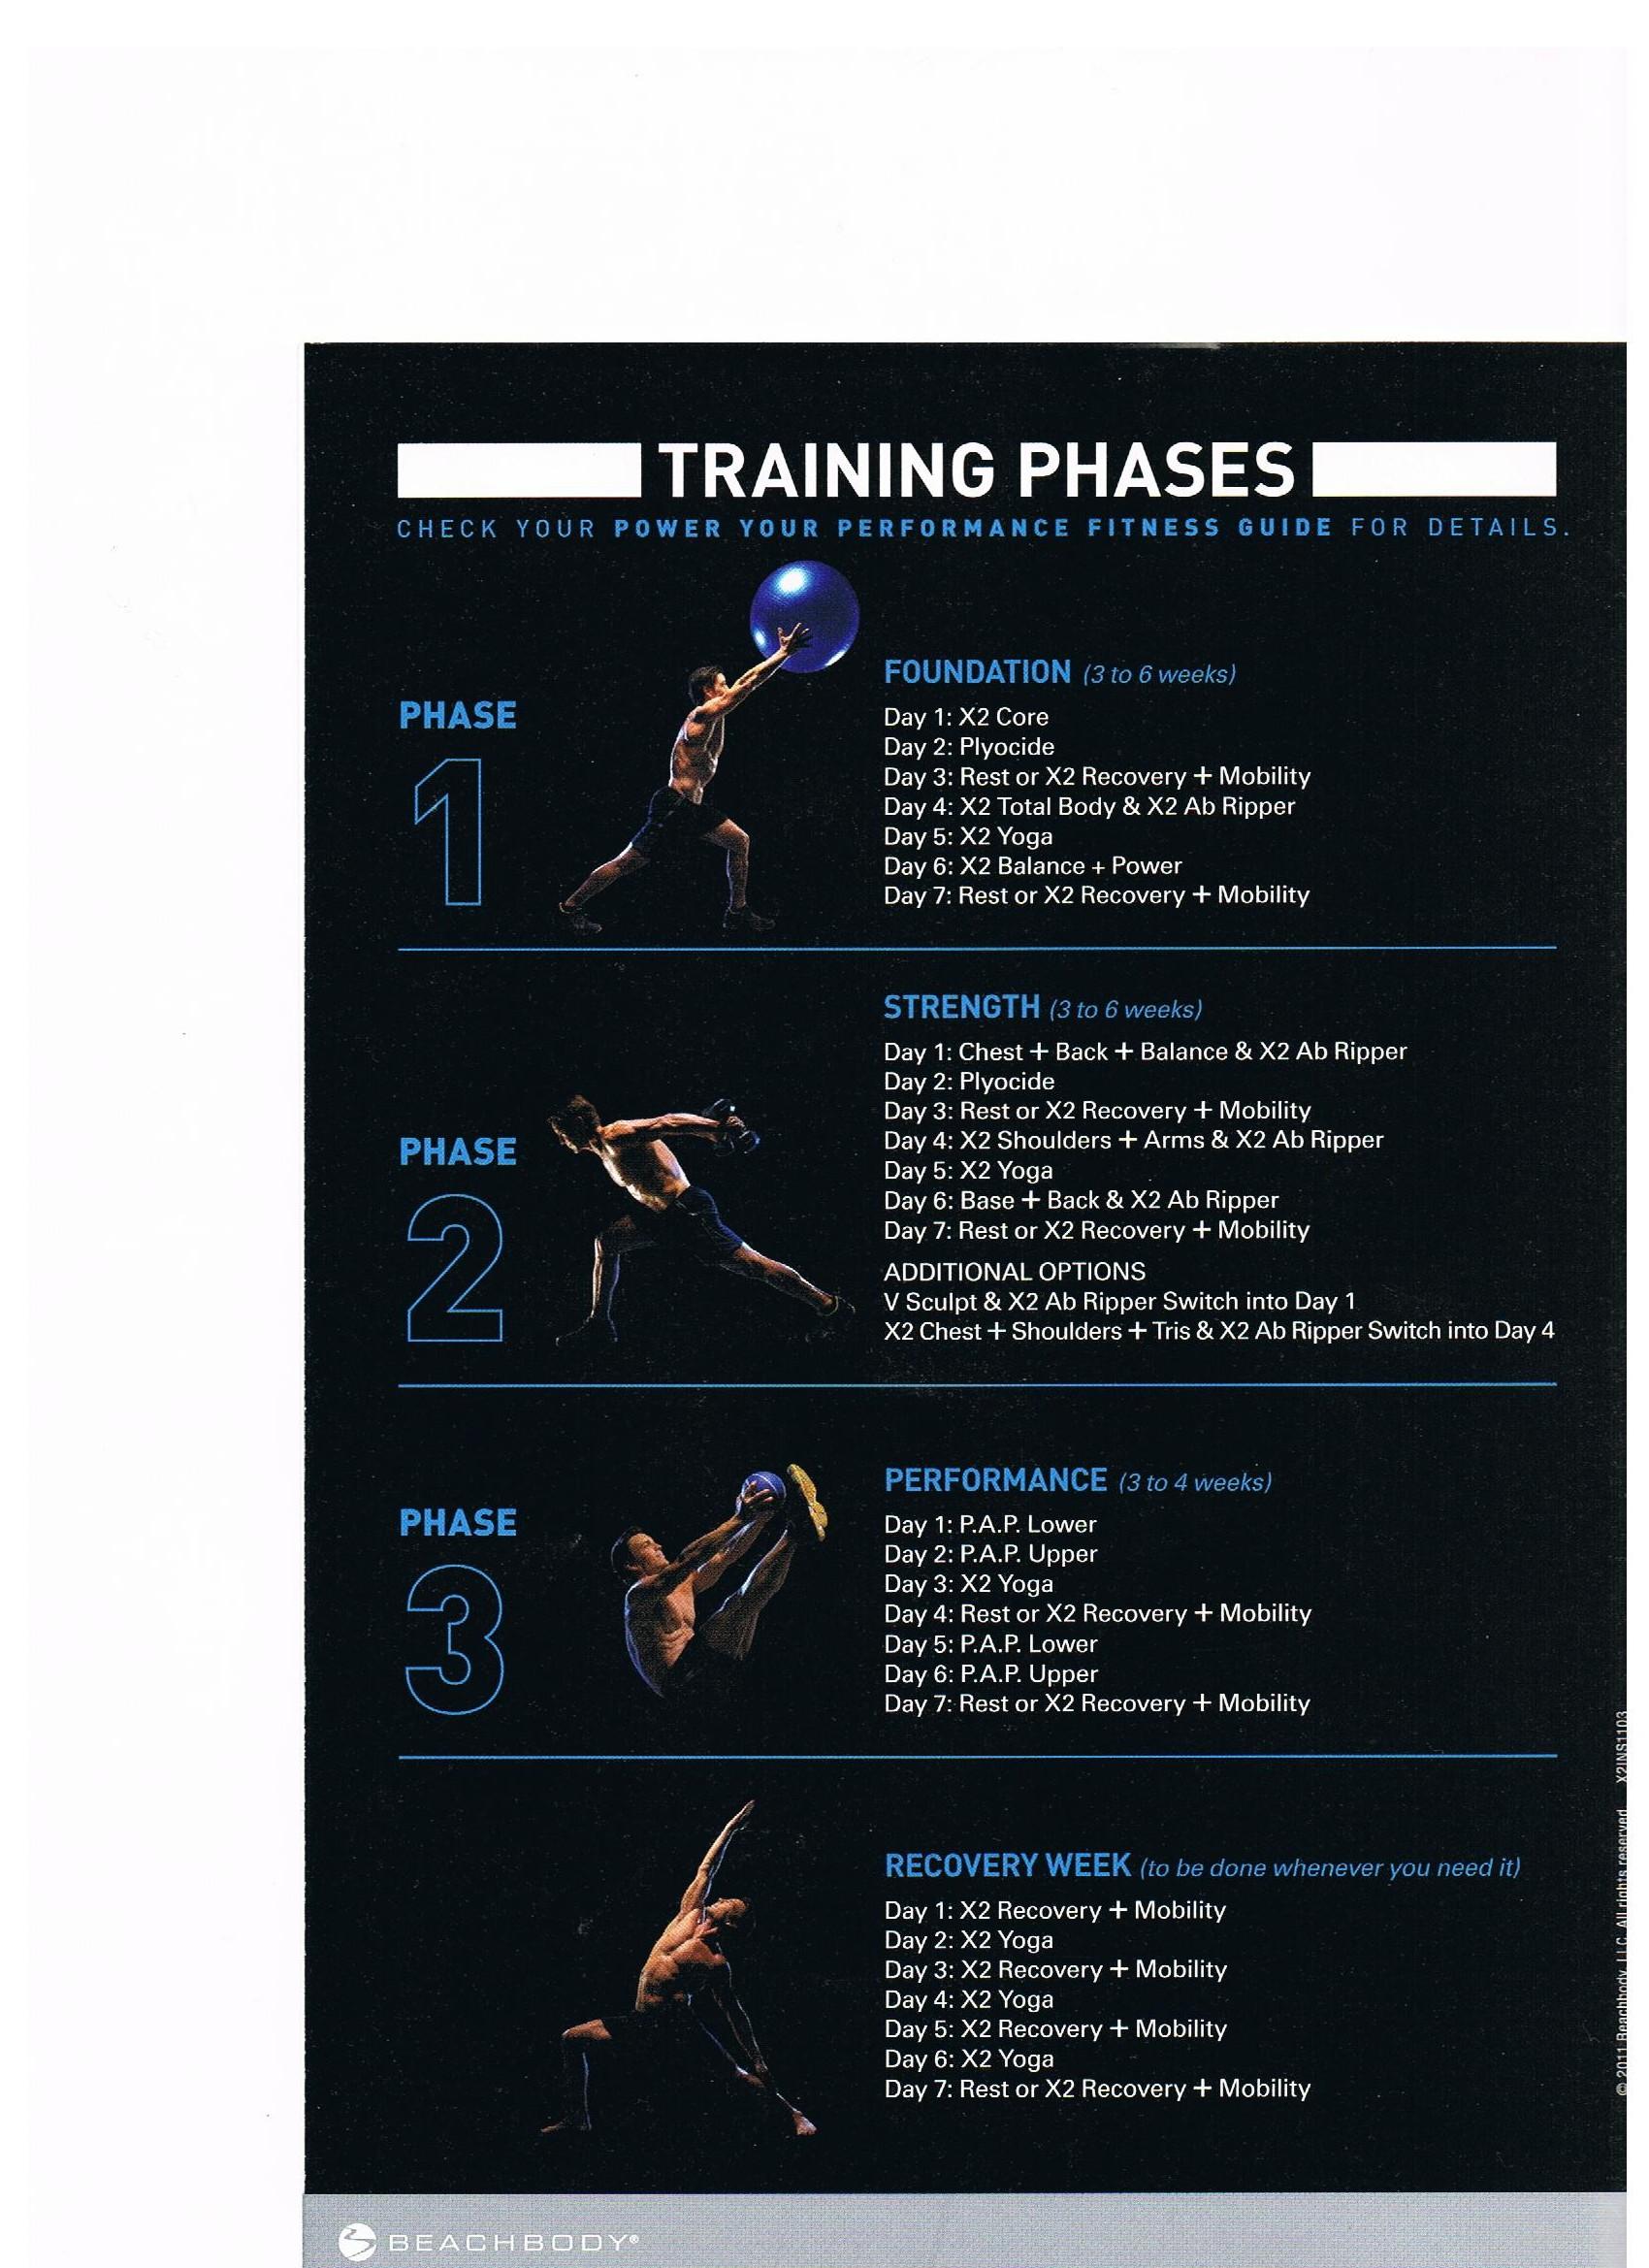 P90x2 Schedule Elite Athlete Training